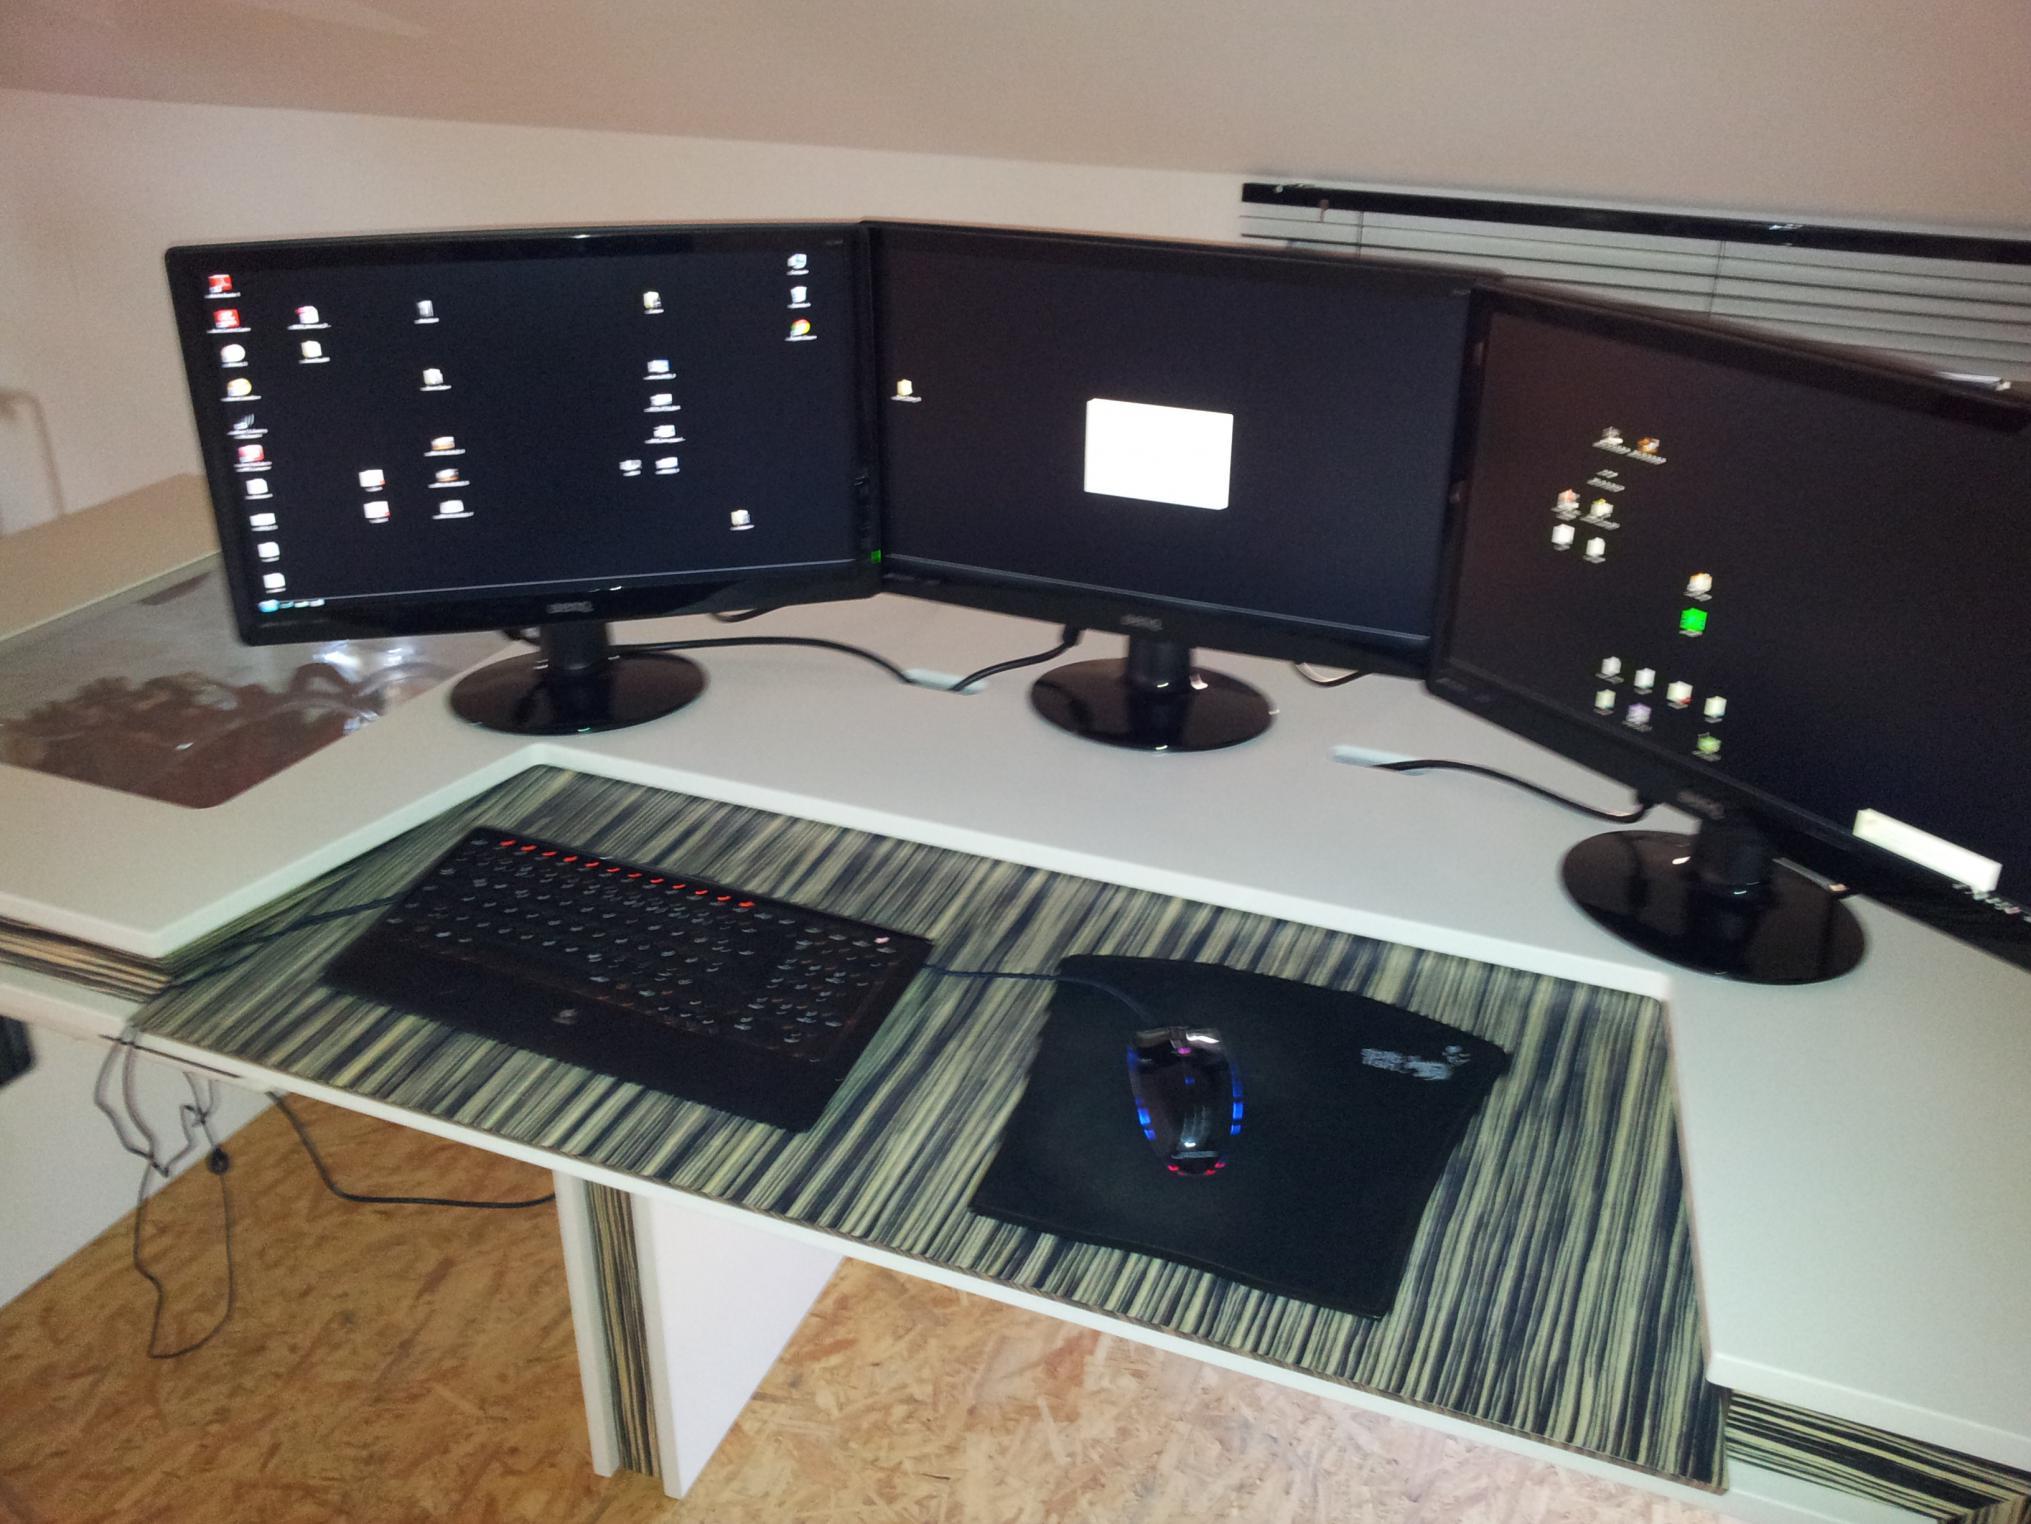 Computertisch groß  Selbst Gebauter Computer Tisch (PC im Tisch) - Seite 3 ...